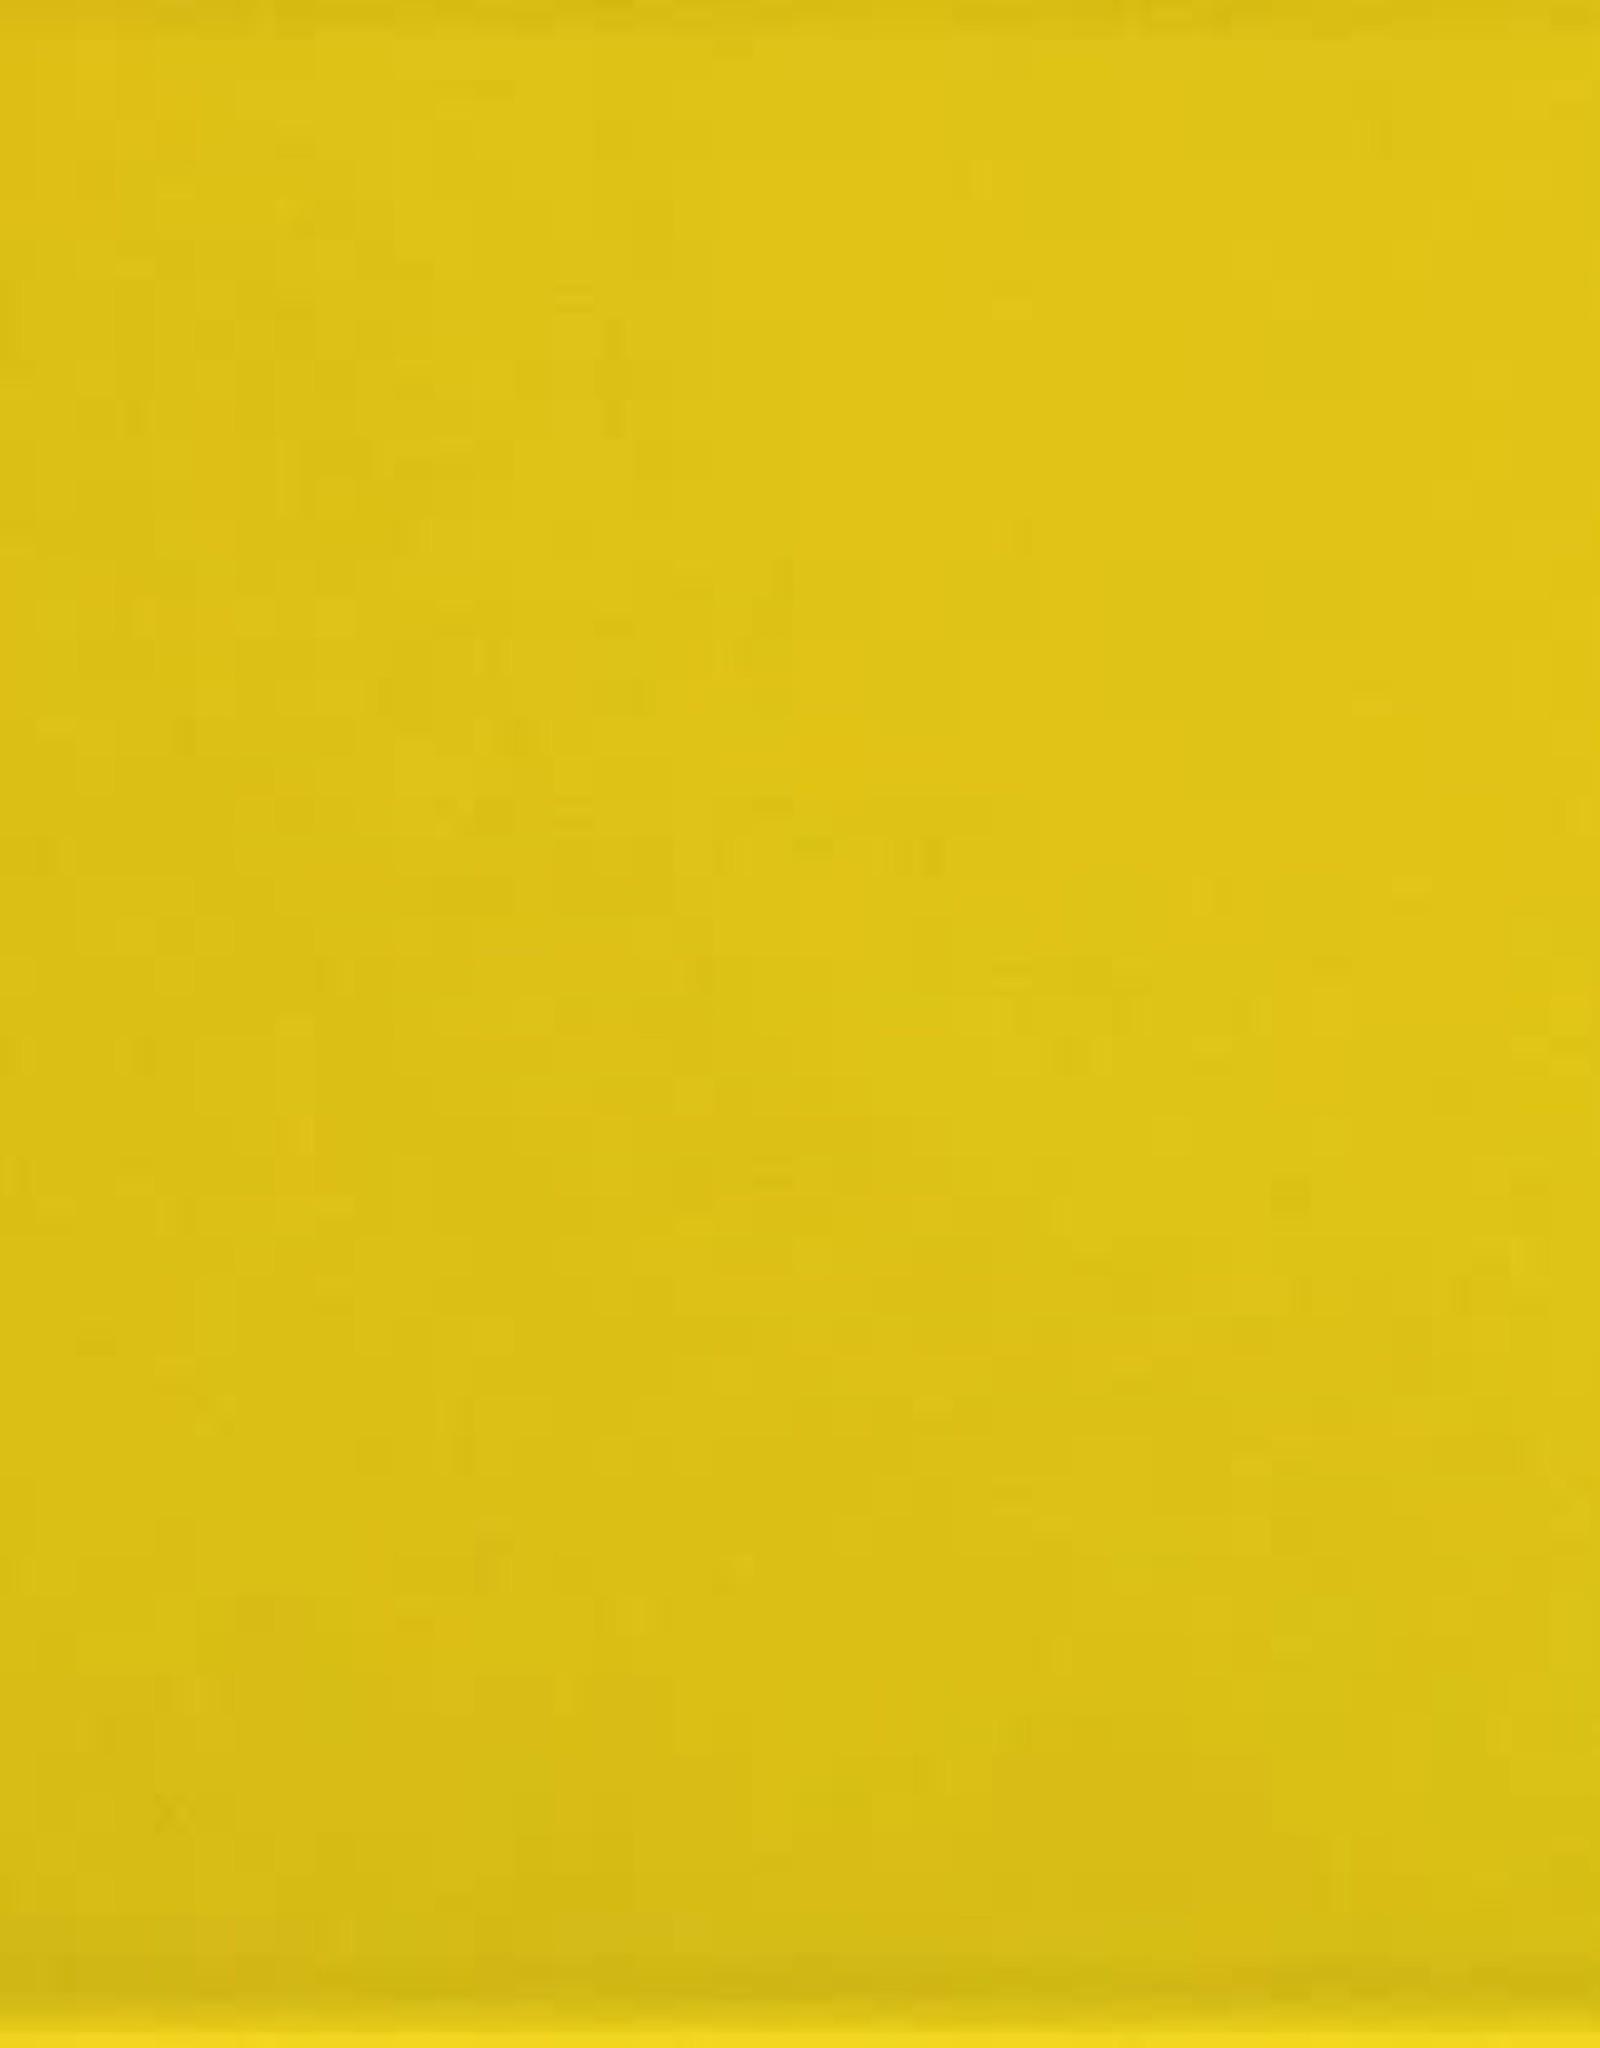 Chiffon 58 - 60 Inches Canary Yellow #7 (Yard)